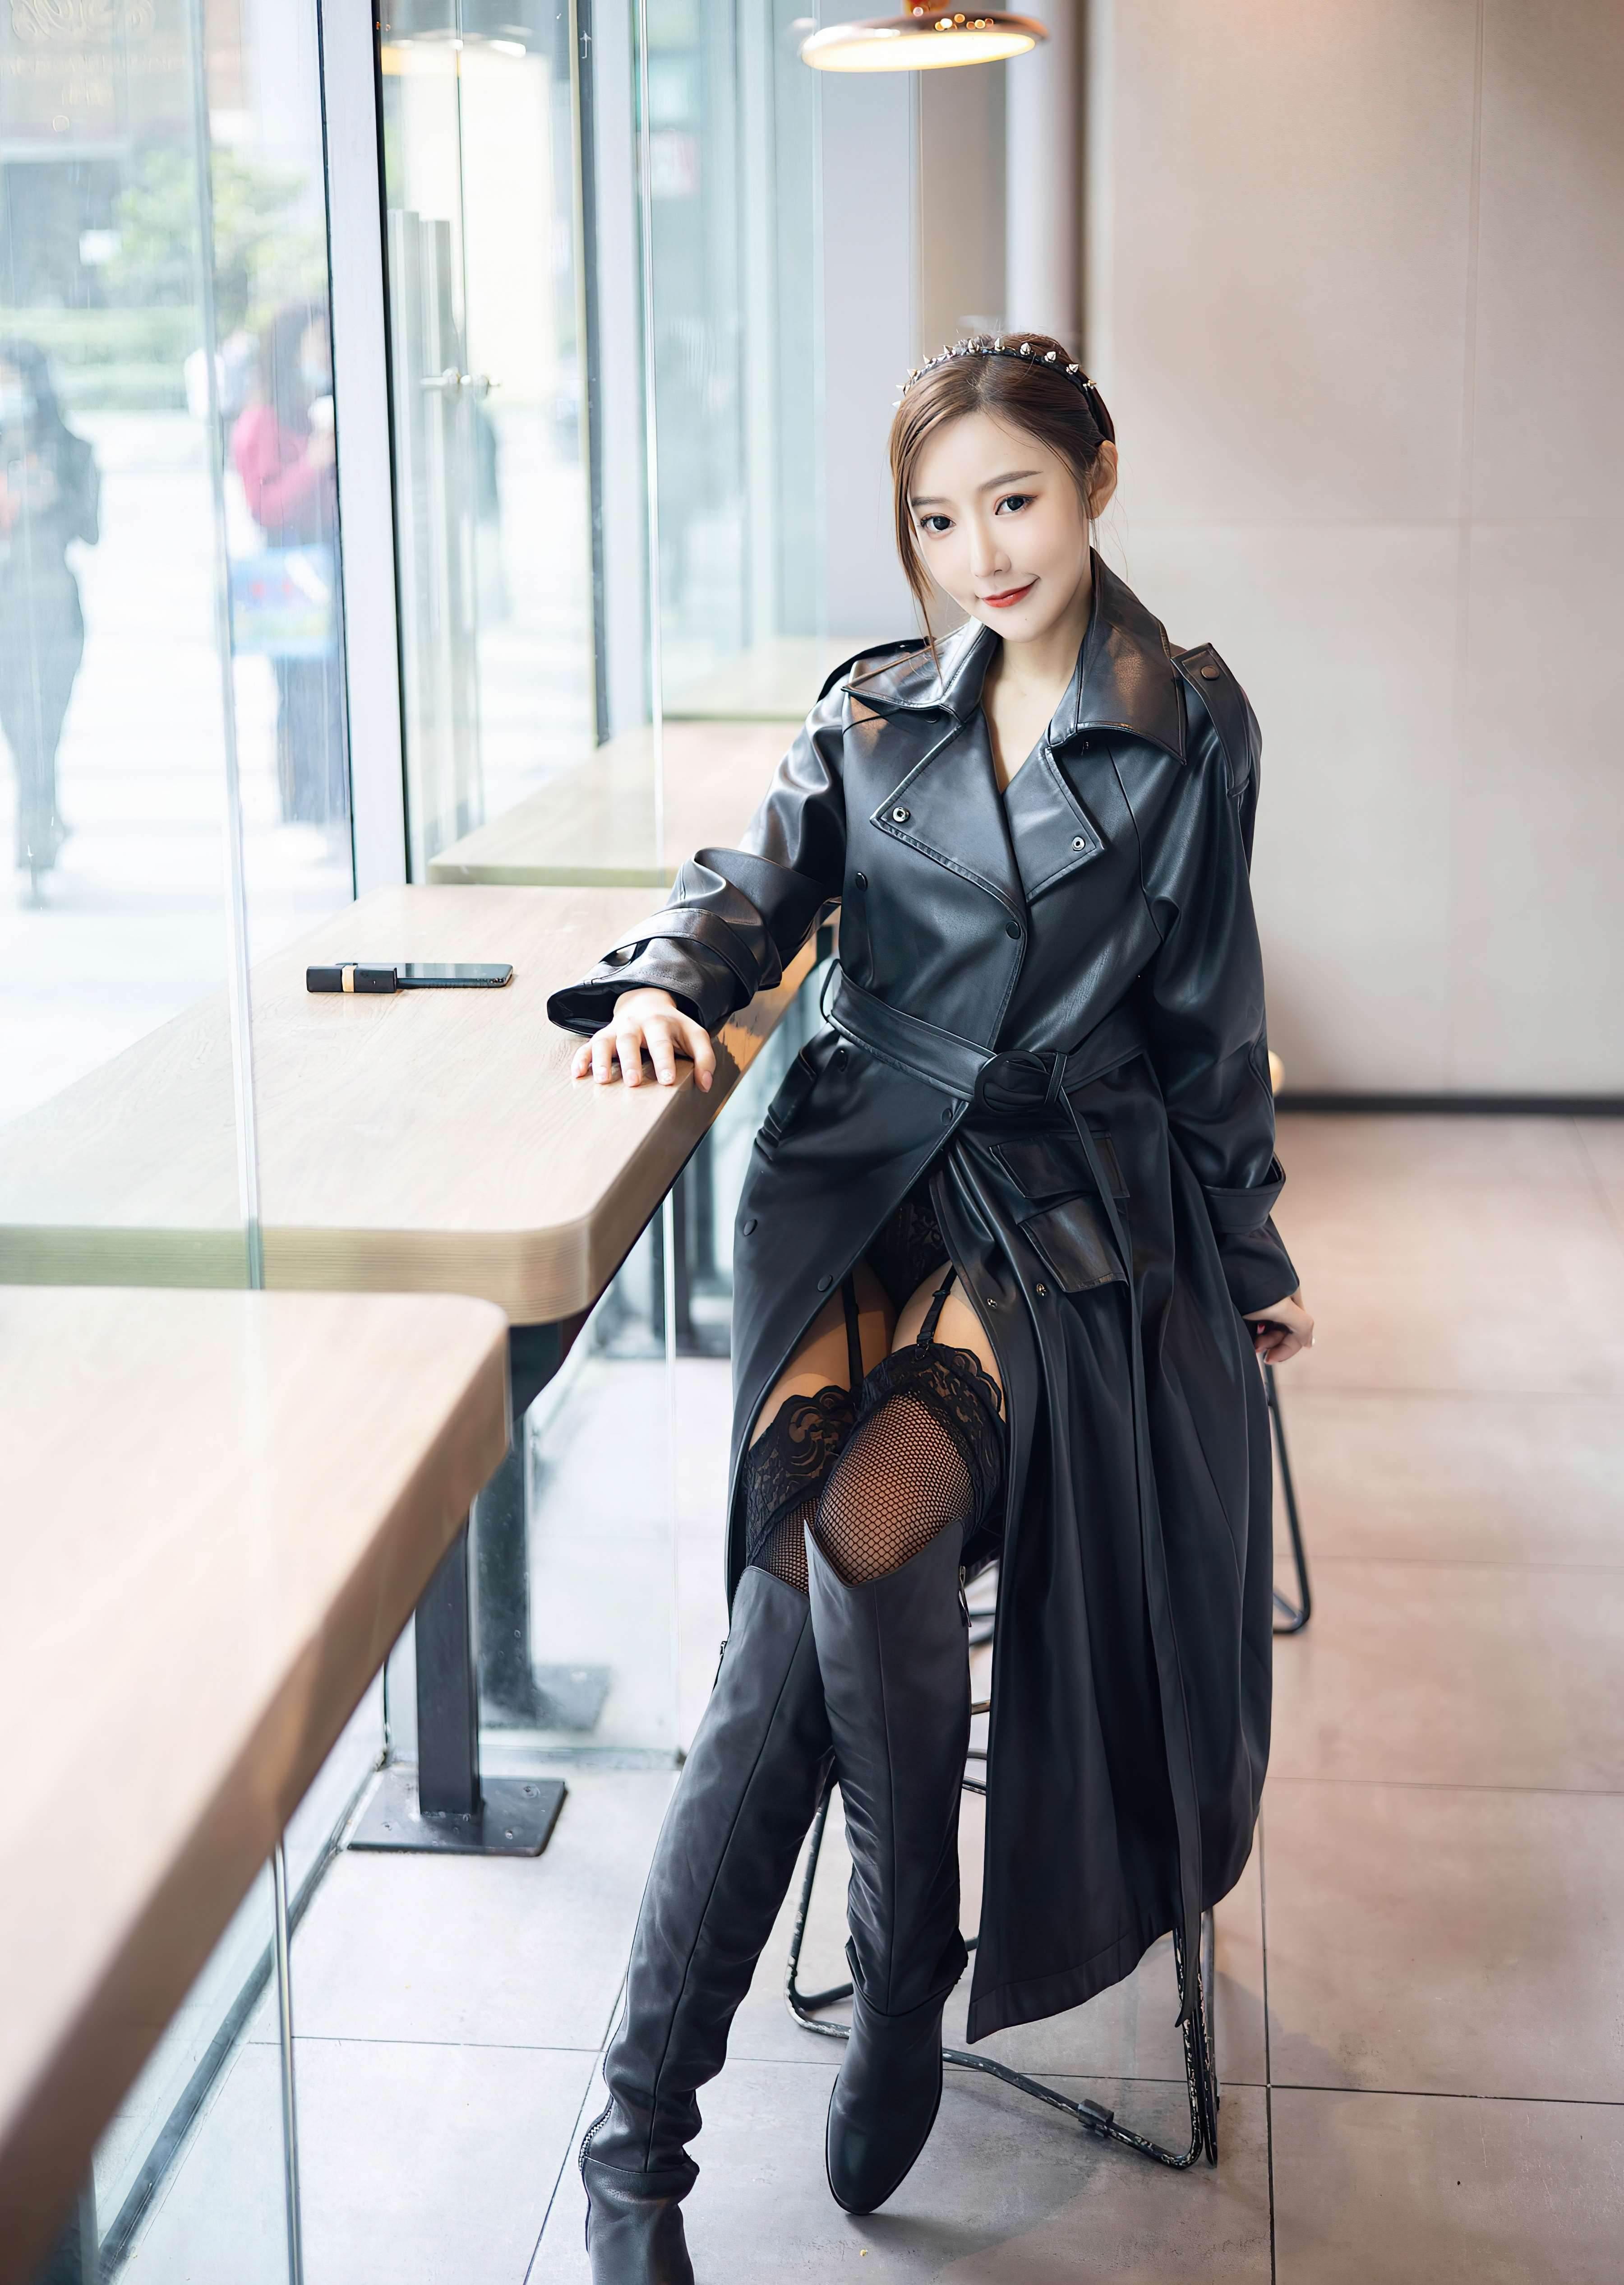 第21期穿皮衣的女孩又酷又时尚王馨瑶_图片2